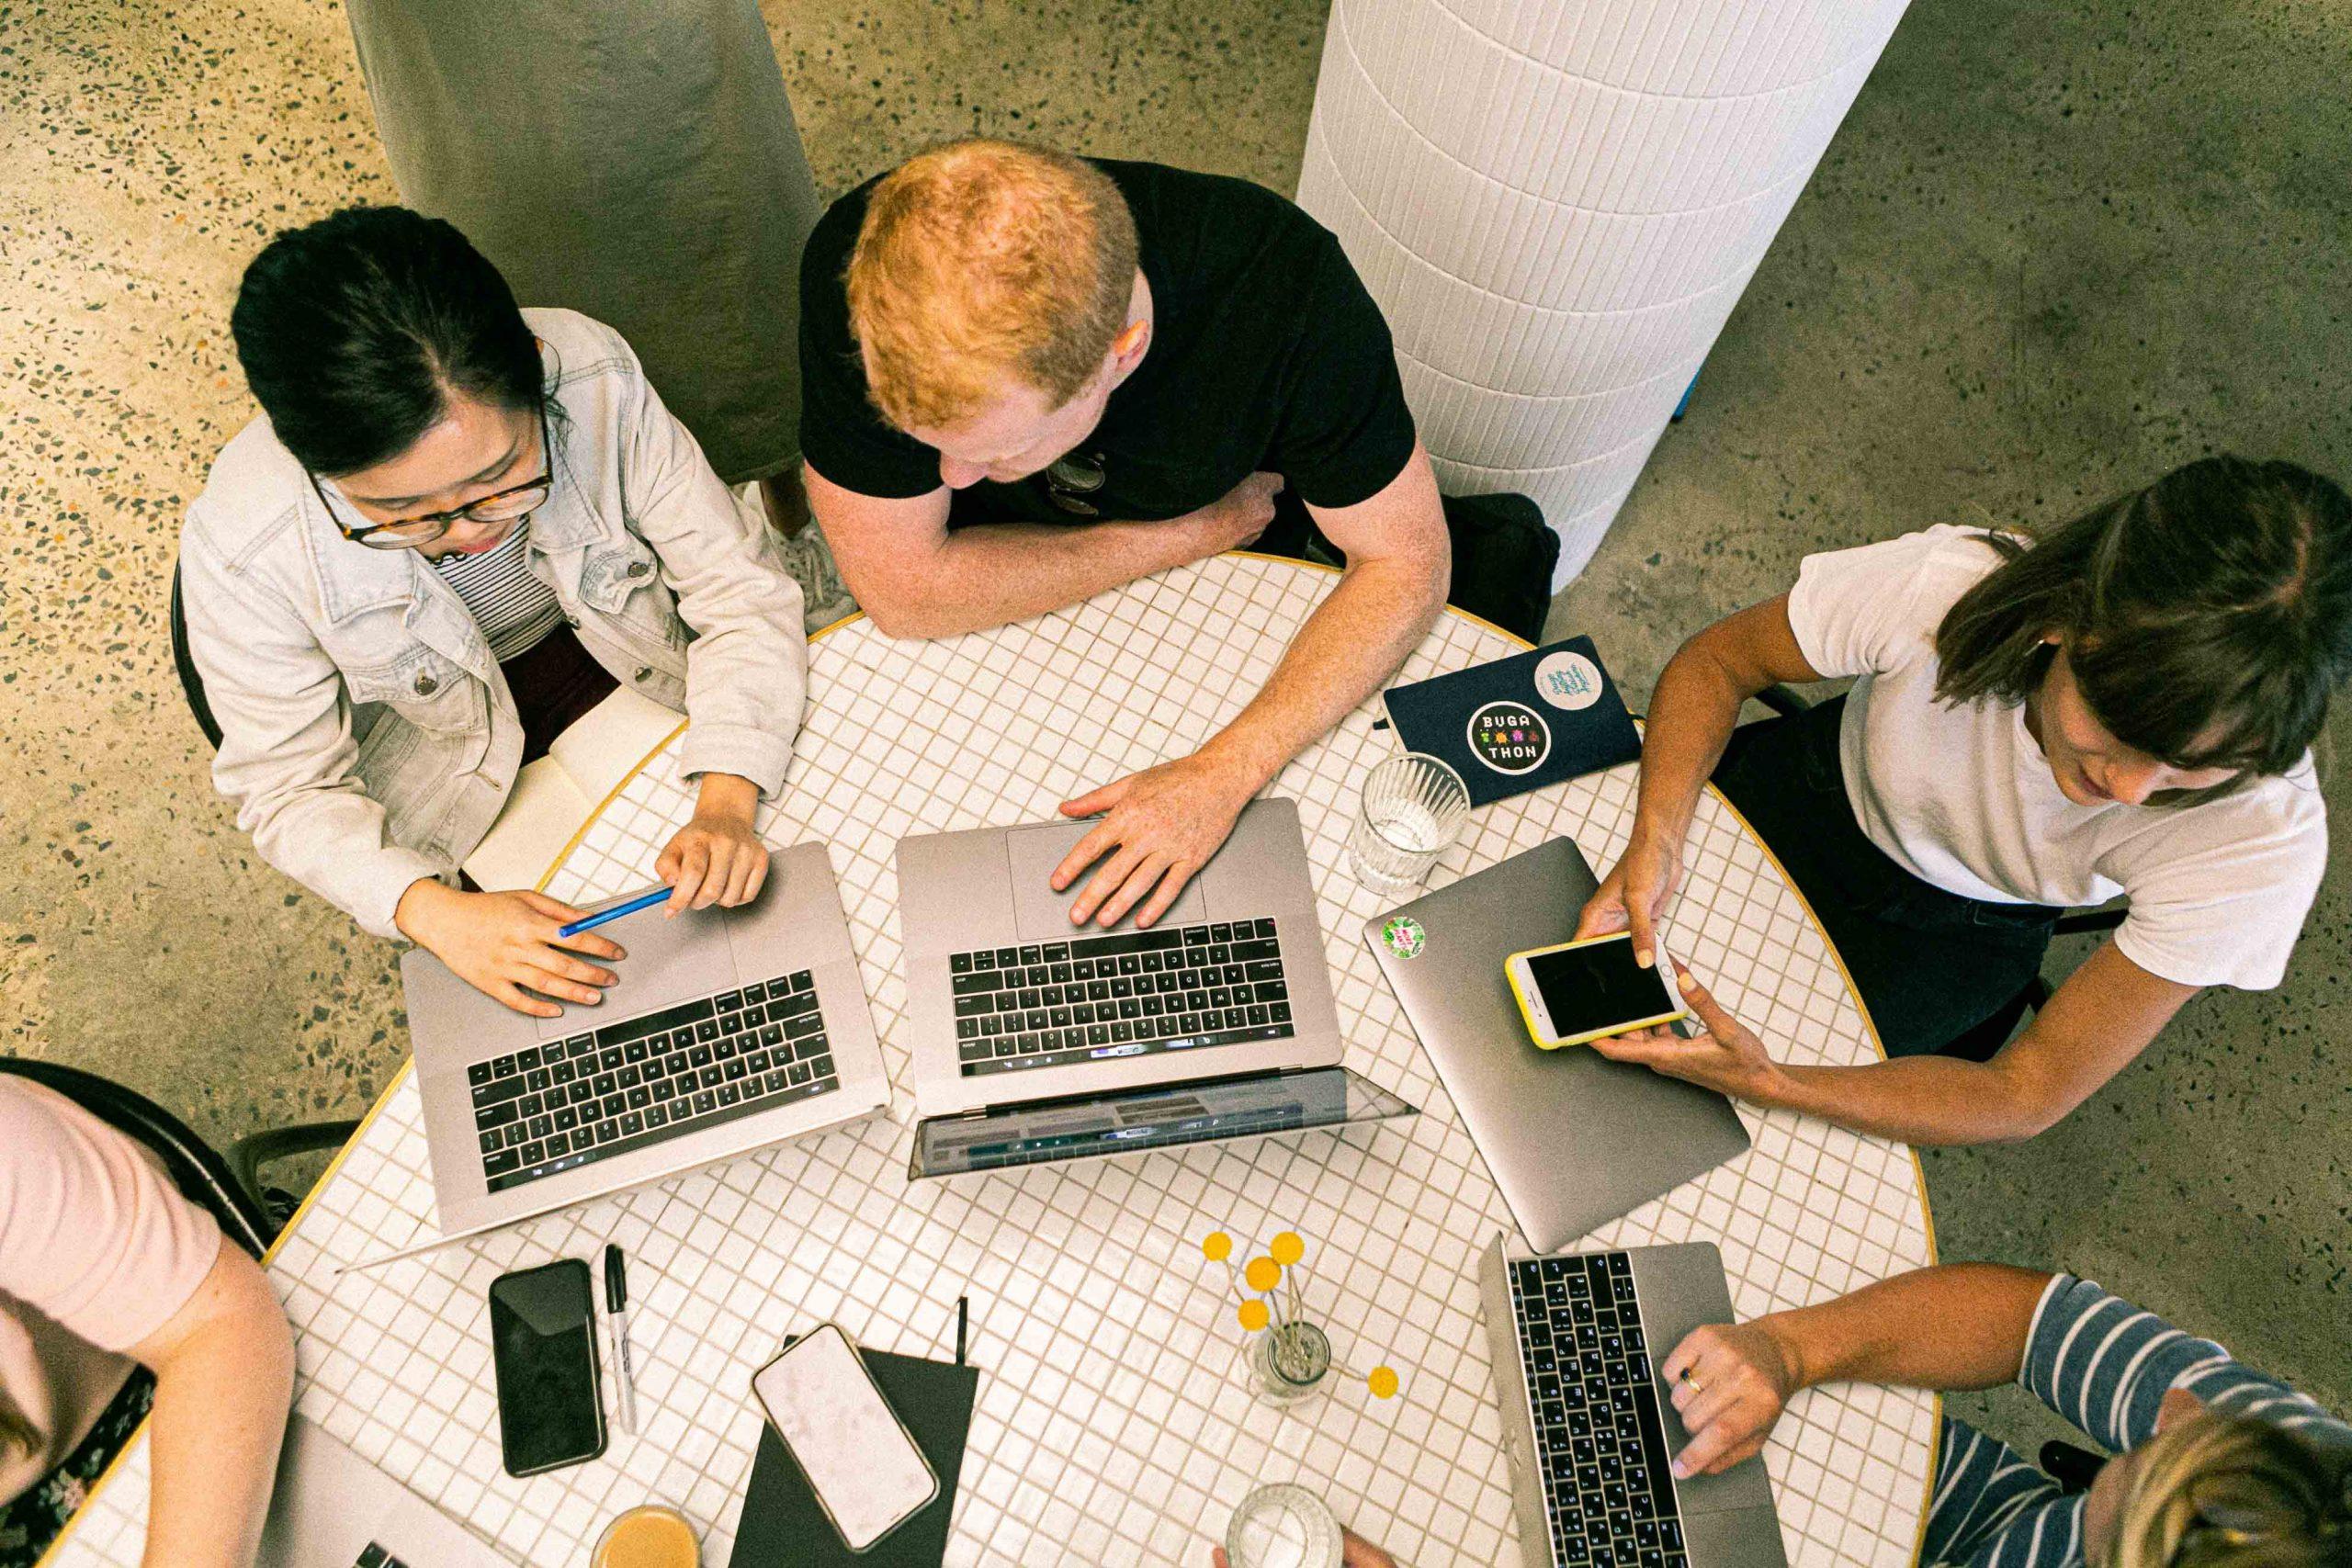 ¿Cómo puede prosperar tu negocio gracias a la formación digital?